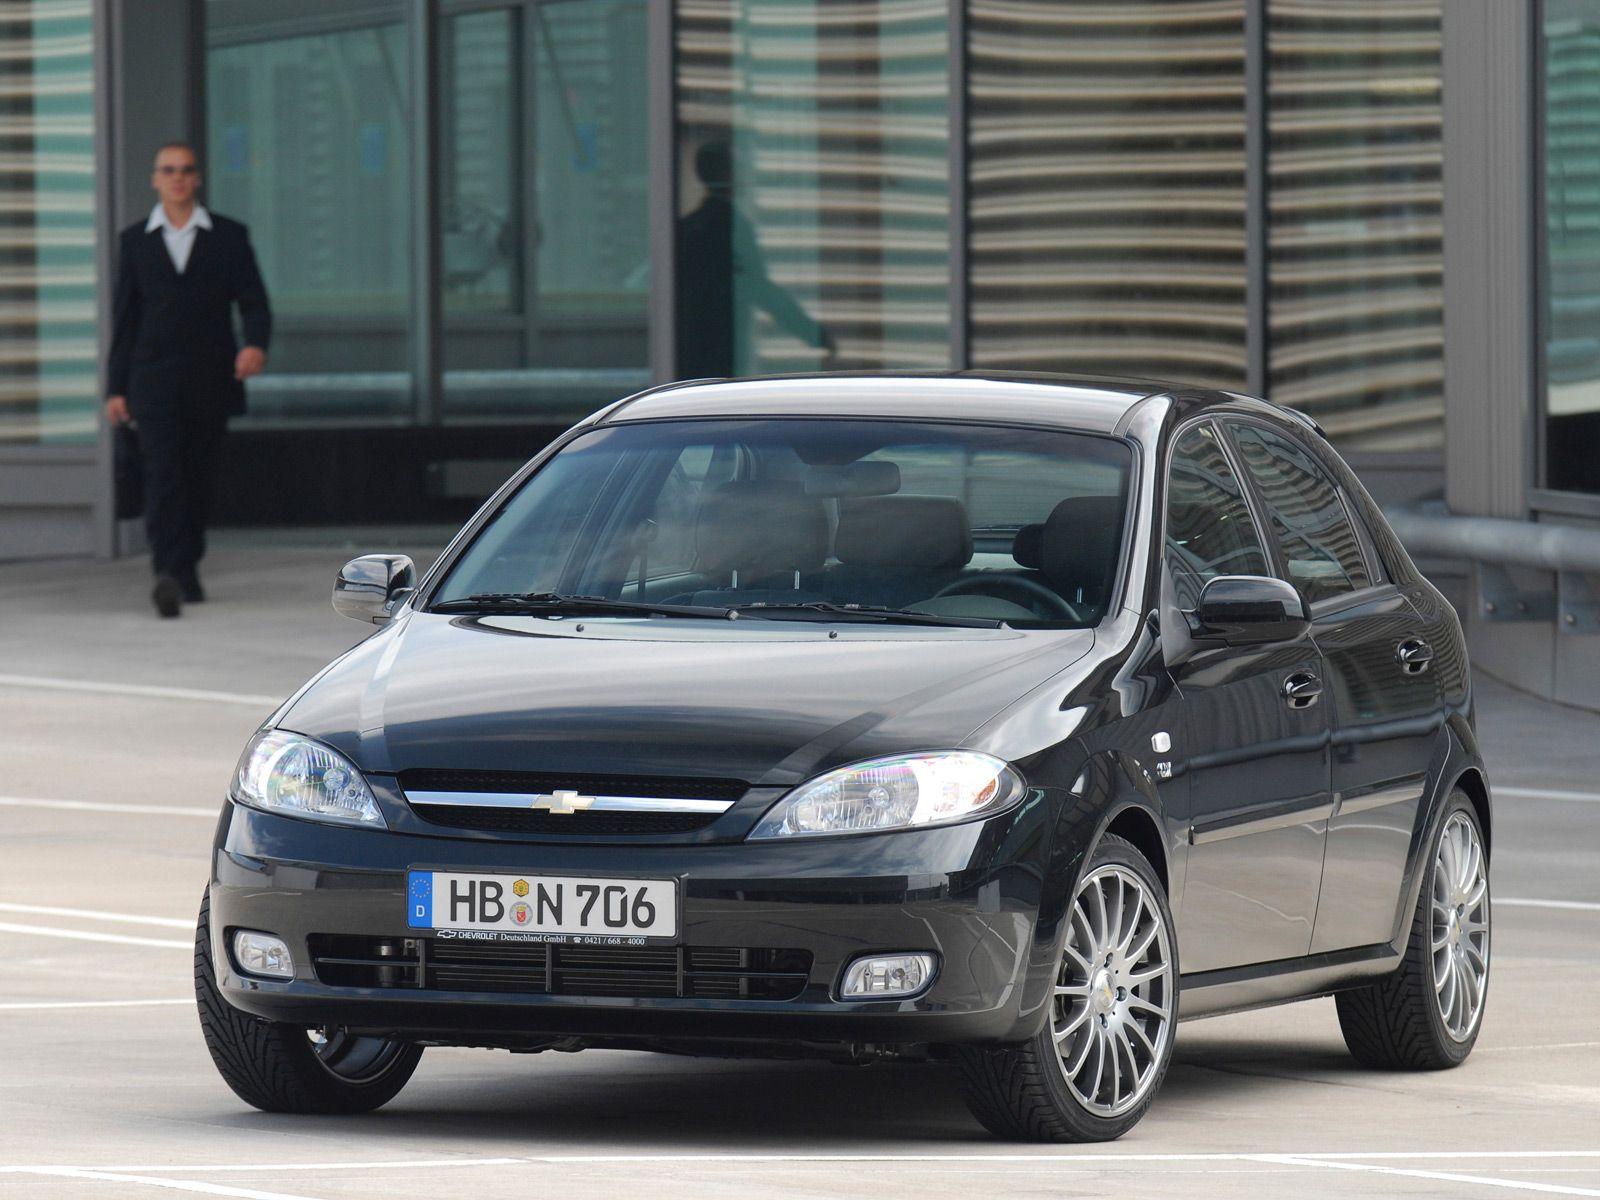 Black Chevrolet Lacetti 4